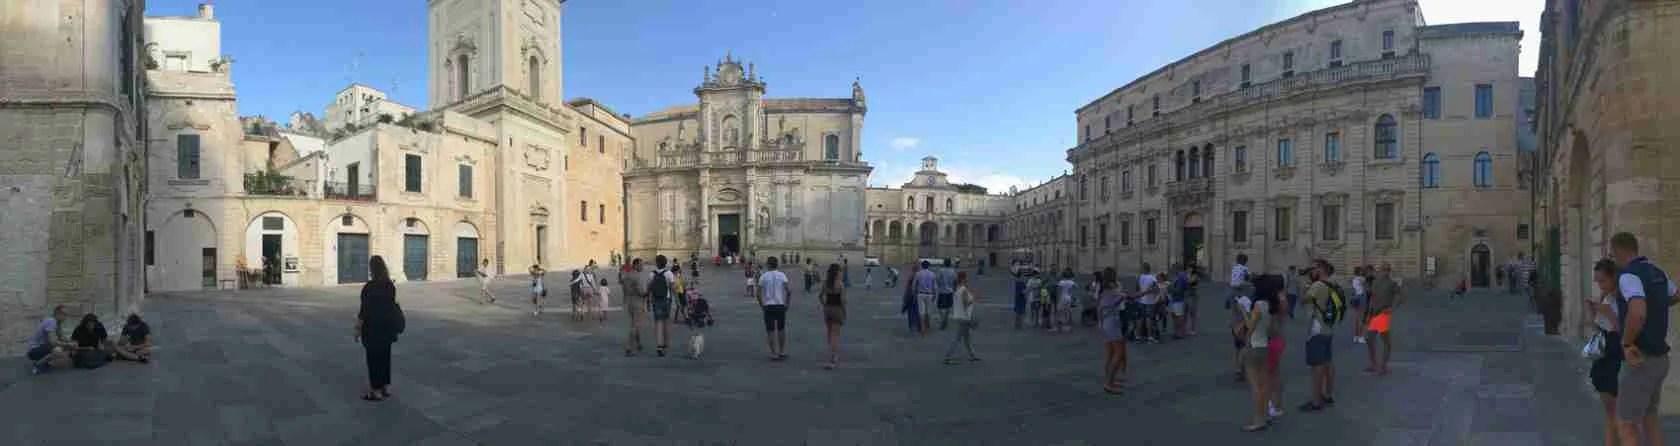 Piazza Sant'Oronzo a Lecce è uno dei luoghi preferiti dalle escort Lecce.